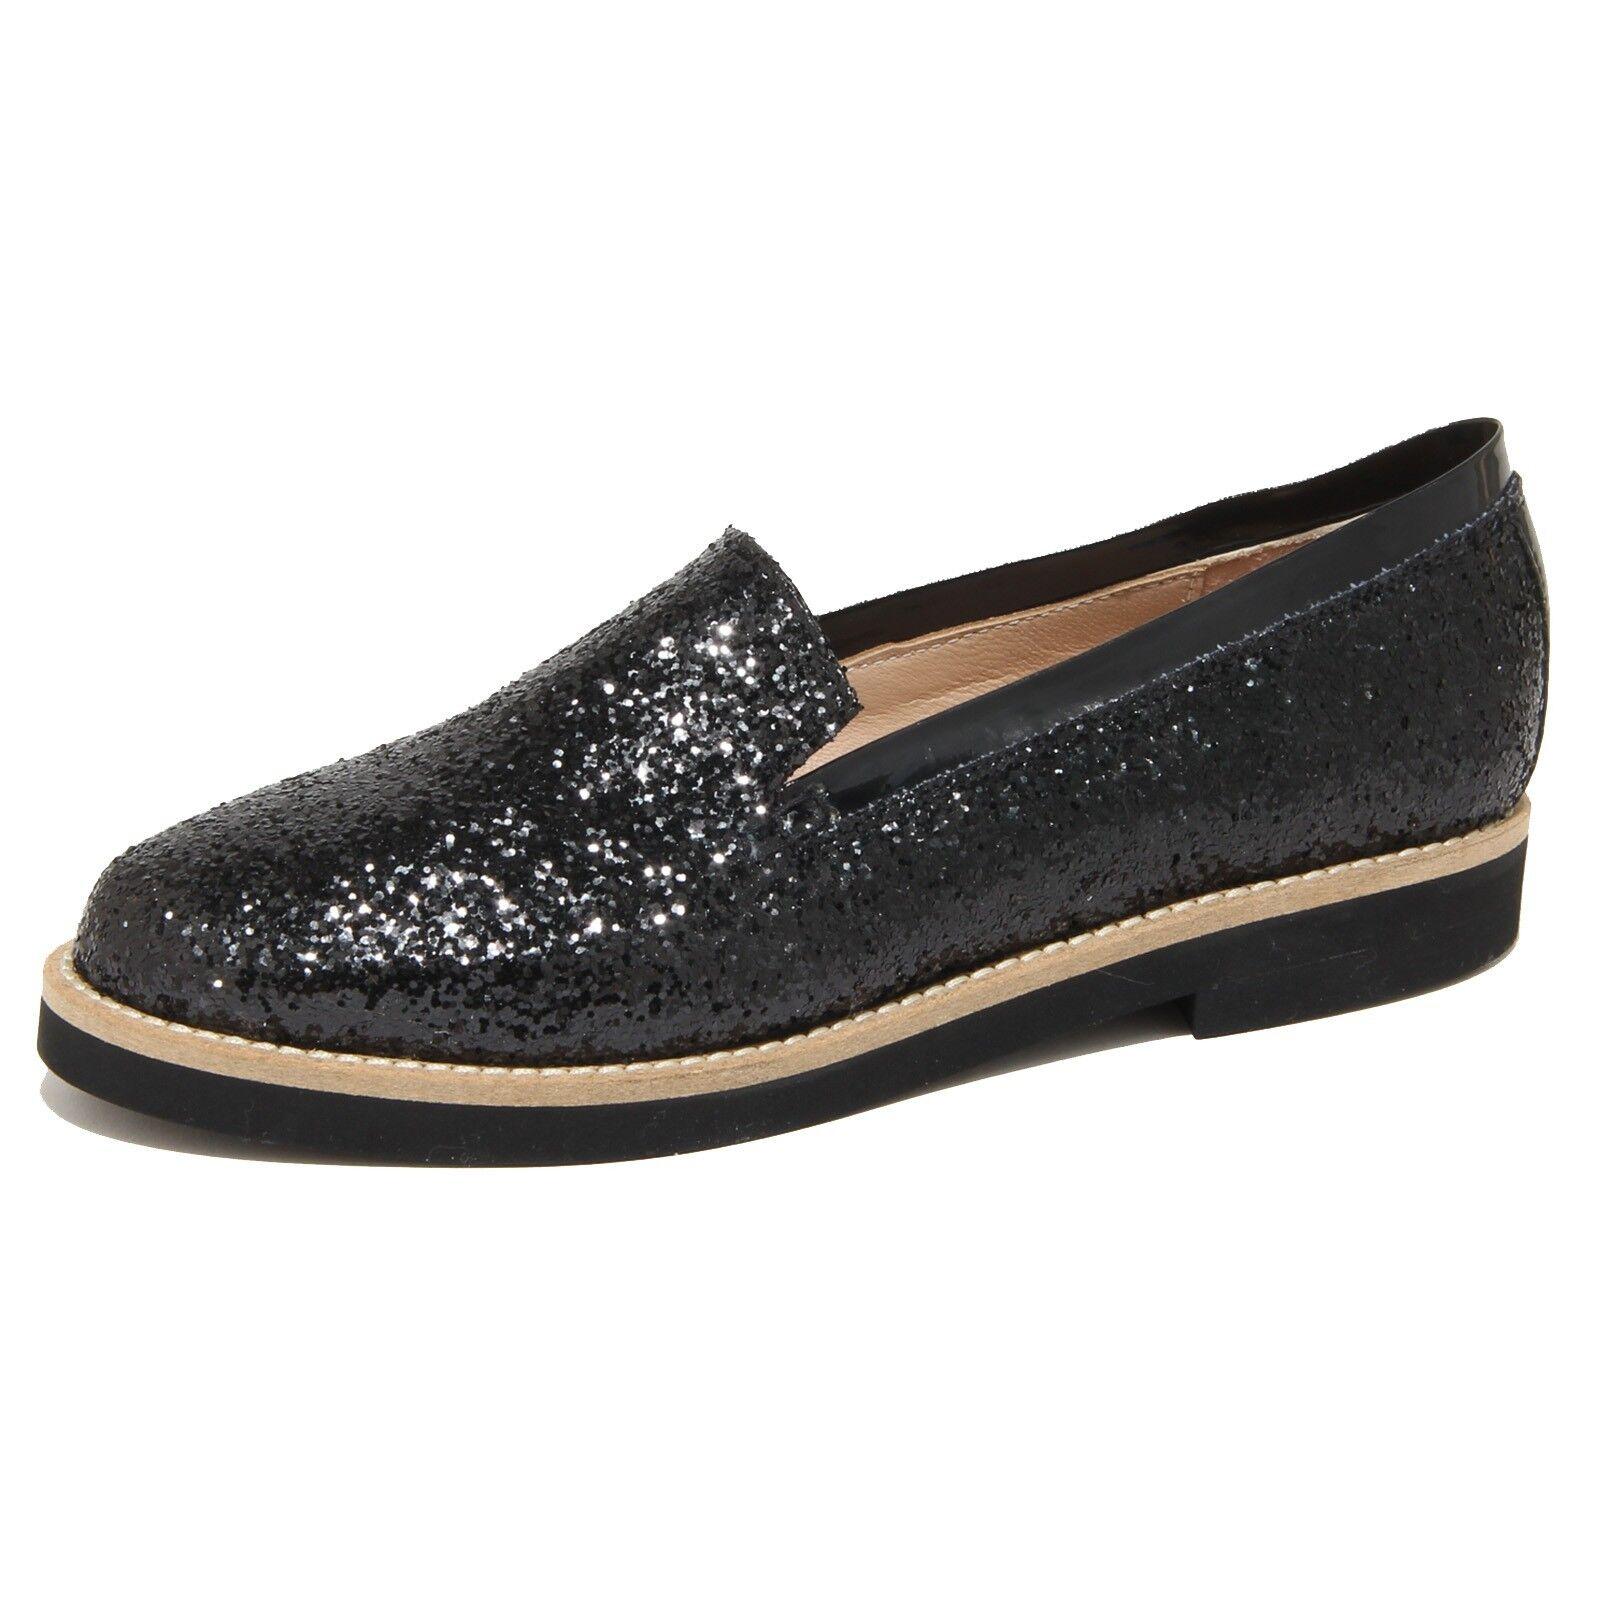 8976N mocassino mujer Santa Clara Brillo negro zapatos mujer